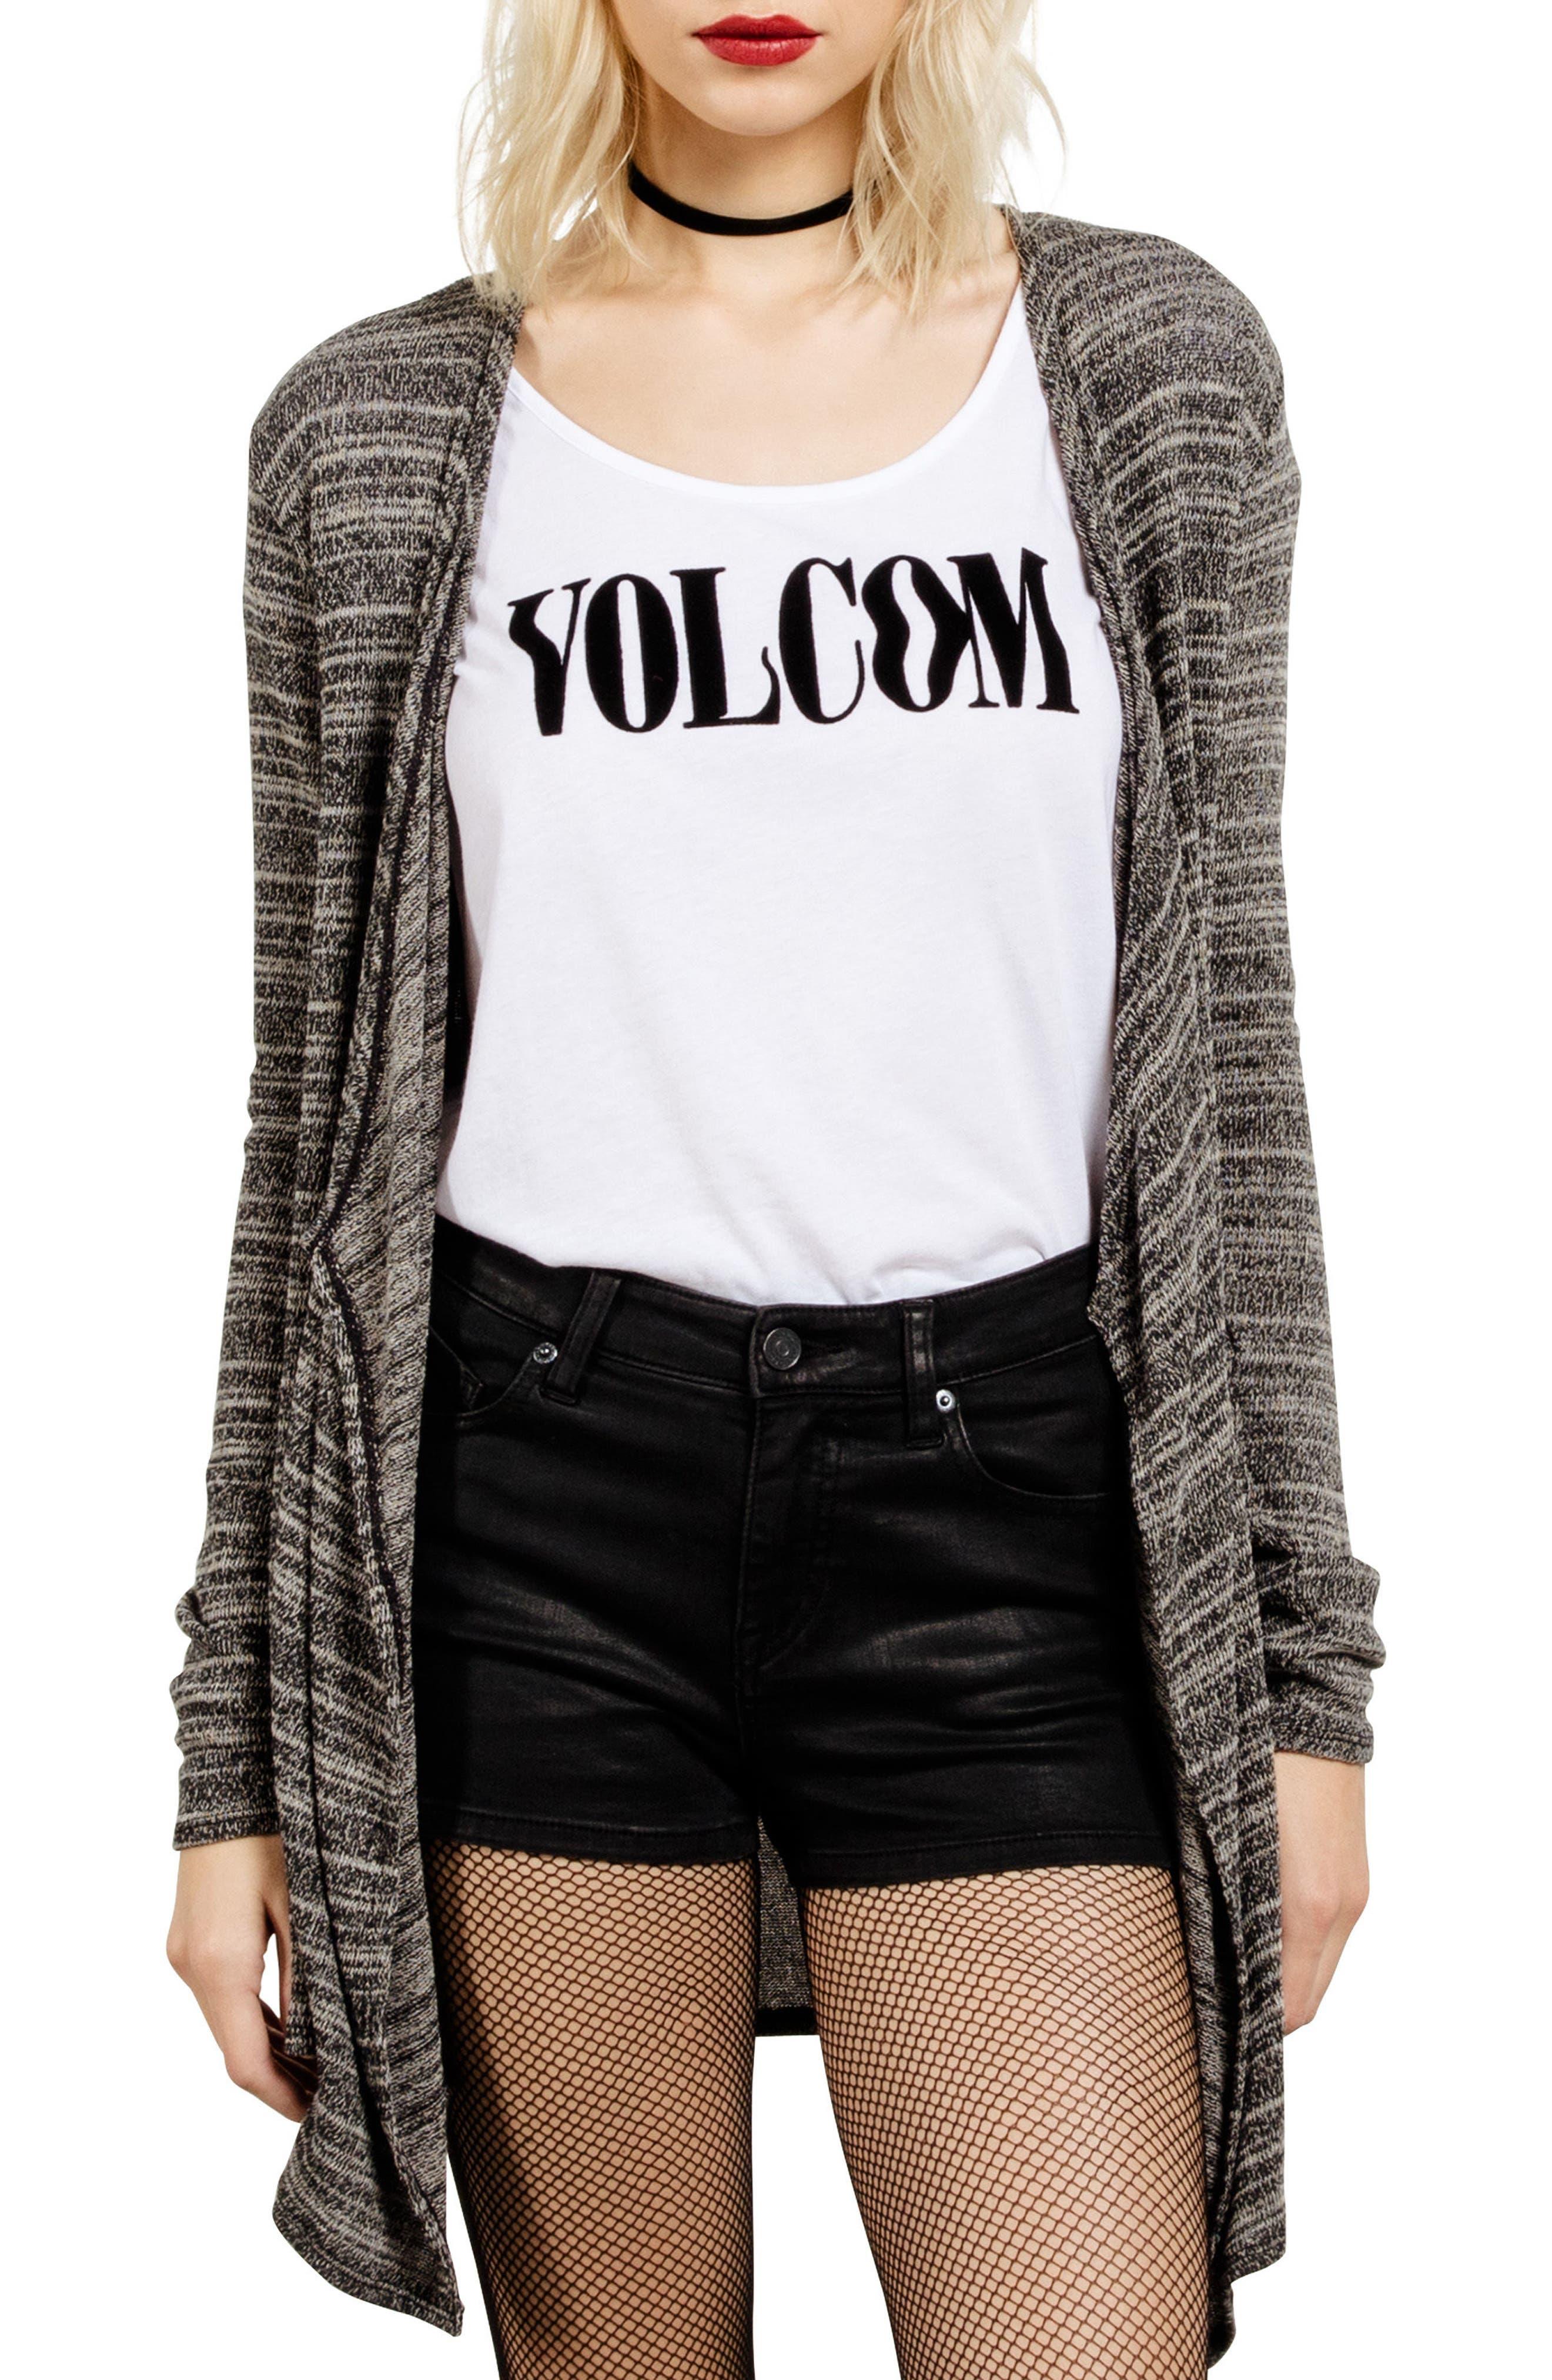 Volcom Go Go Wrap Cardigan